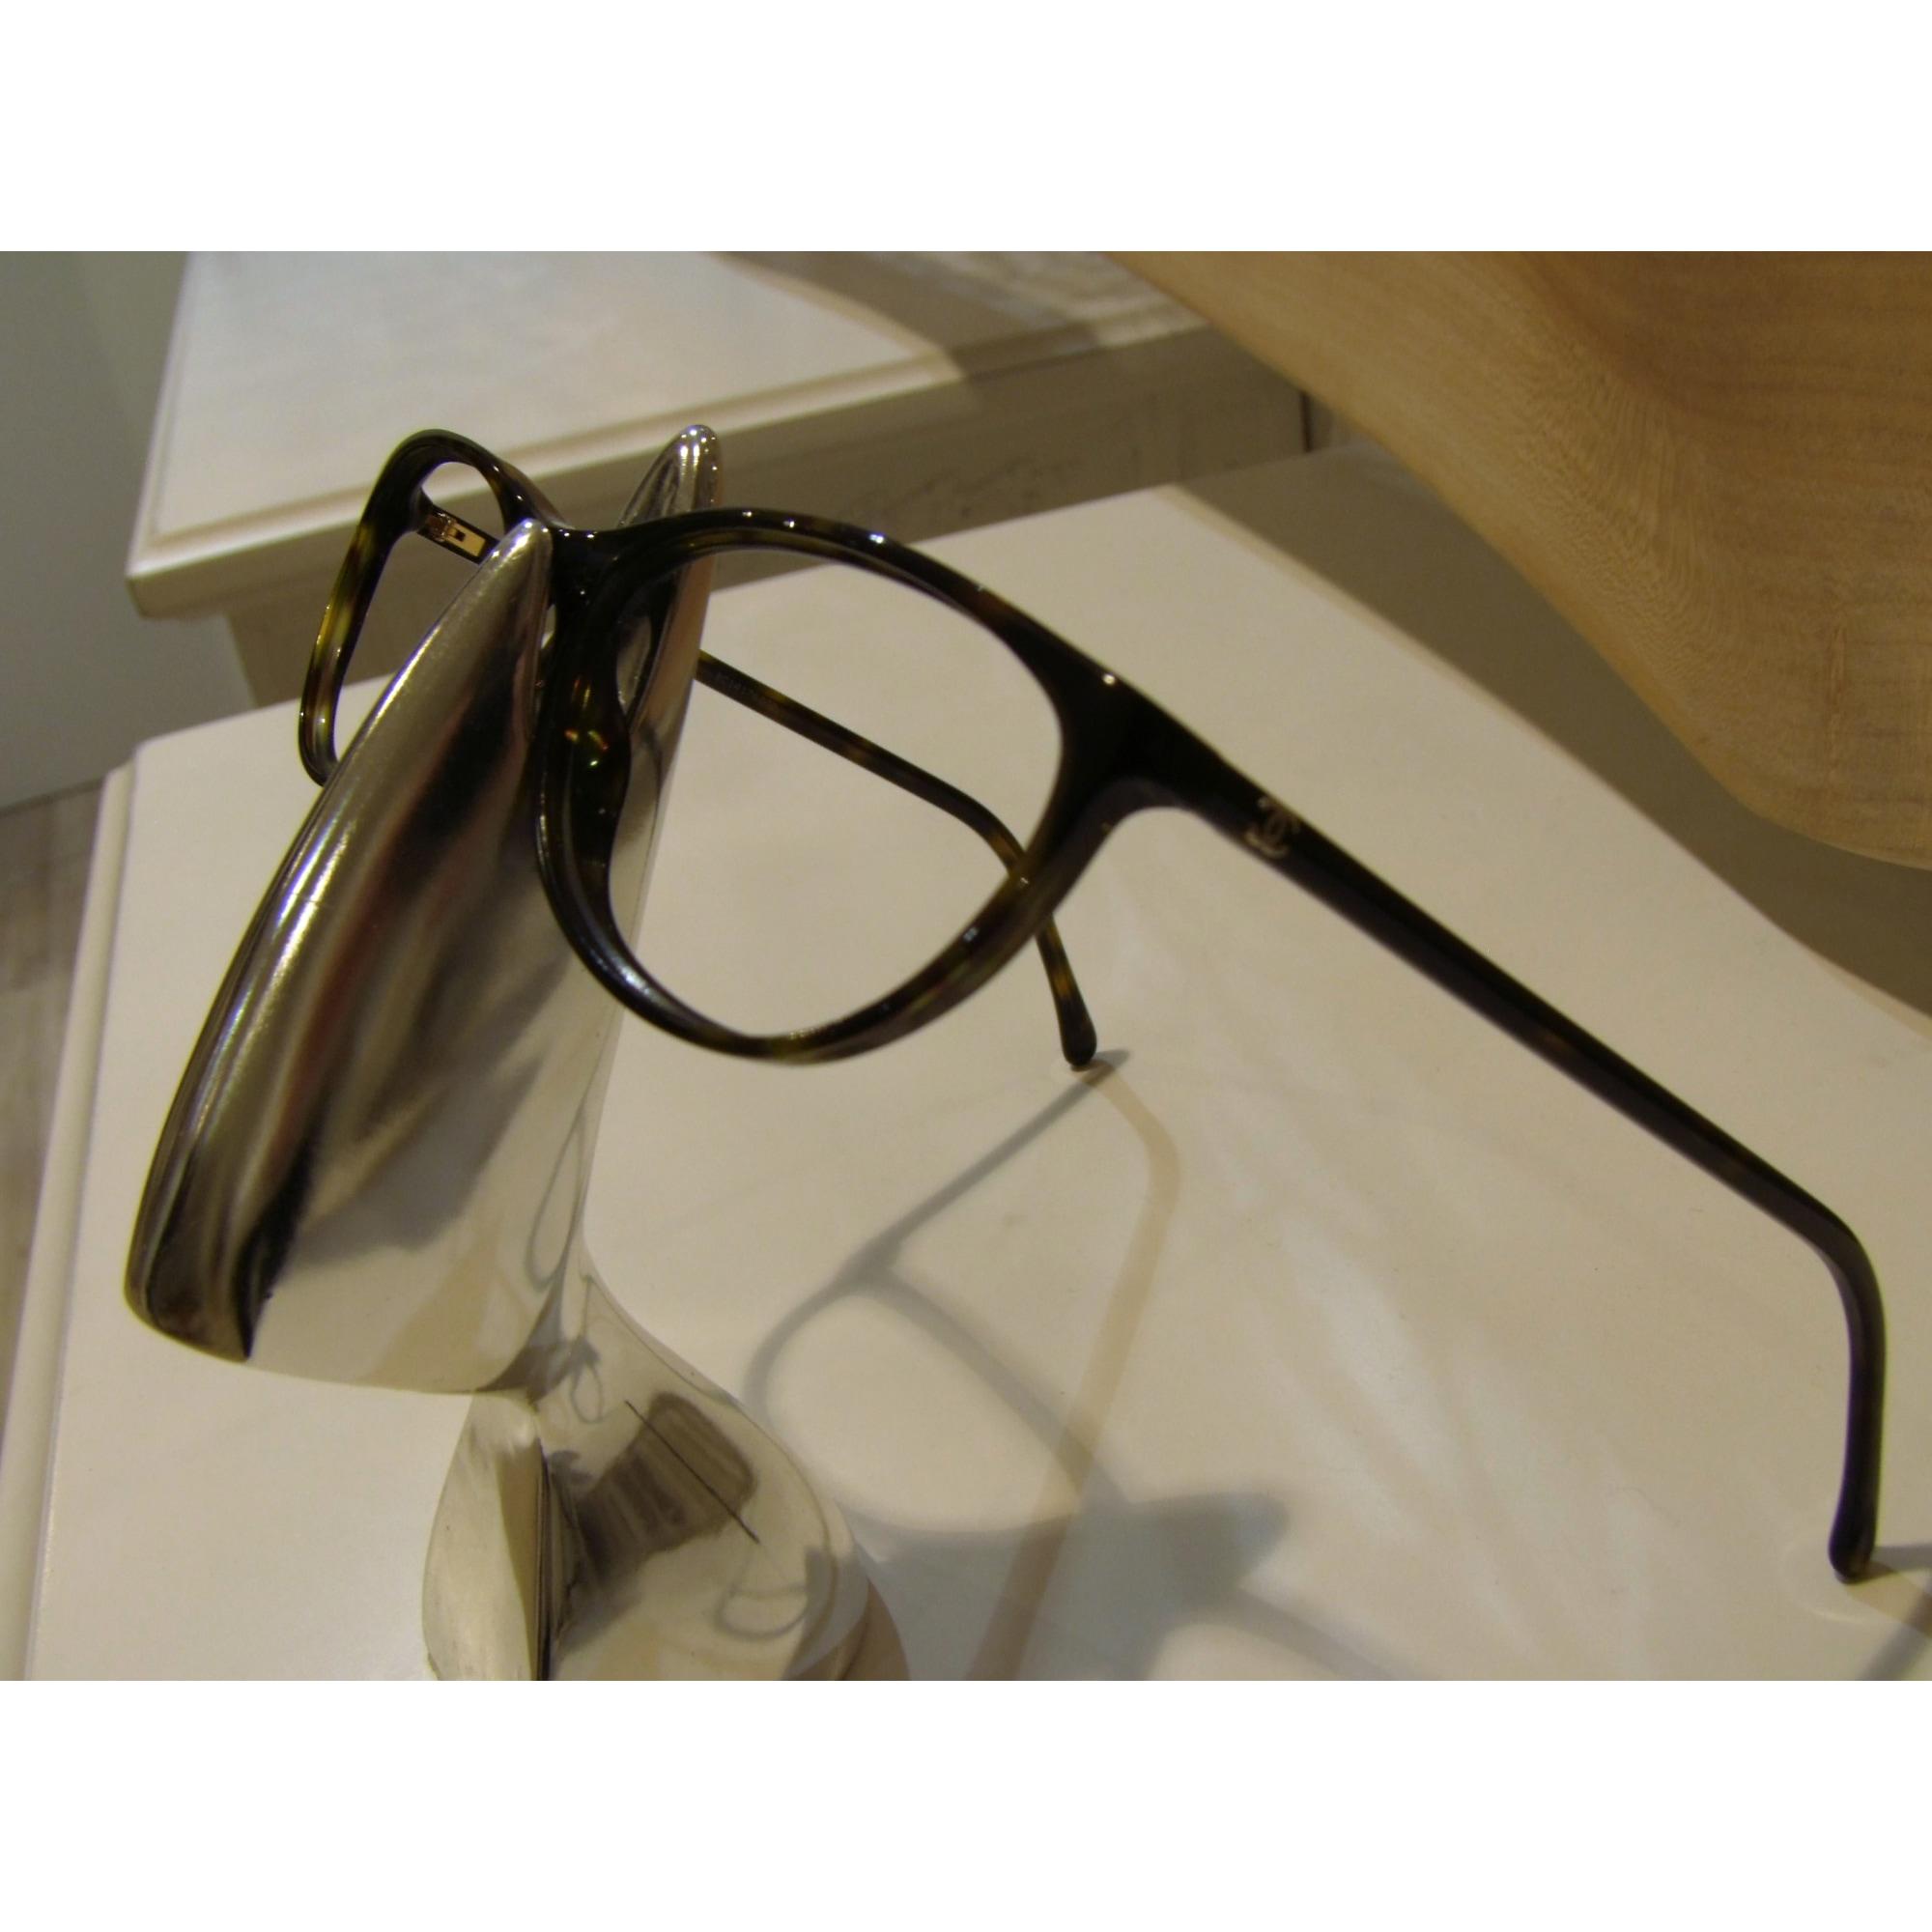 Monture de lunettes CHANEL ecaille vendu par Nivolas optique - 5639646 0d9735ff4f92